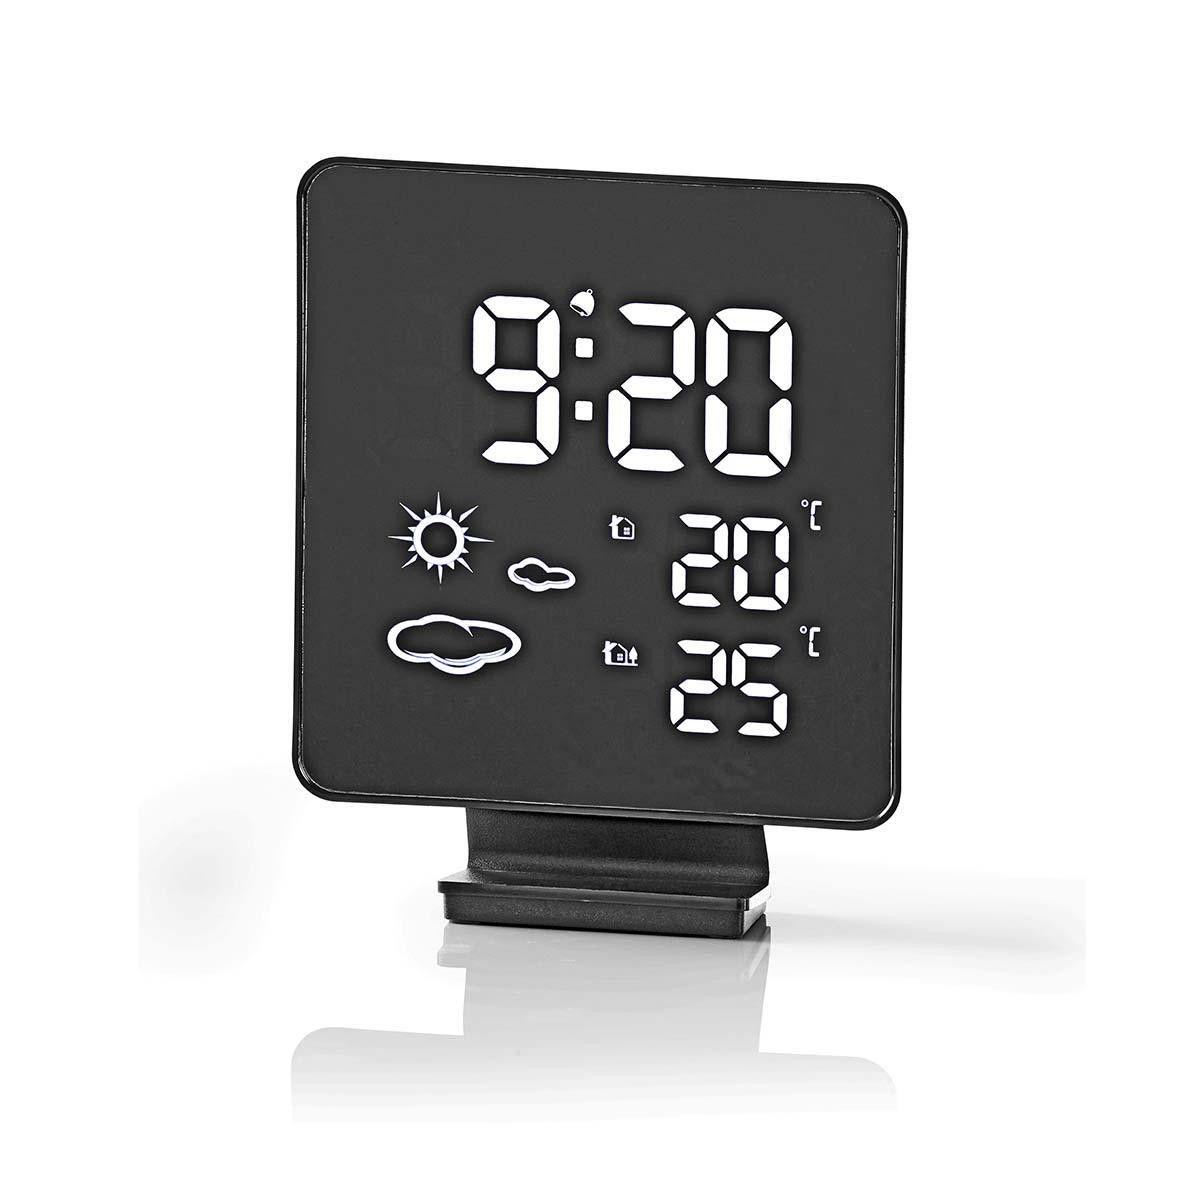 Wetterstation Drahtloser Sensor Wecker Wettervorhersage Reisewecker Temperatur